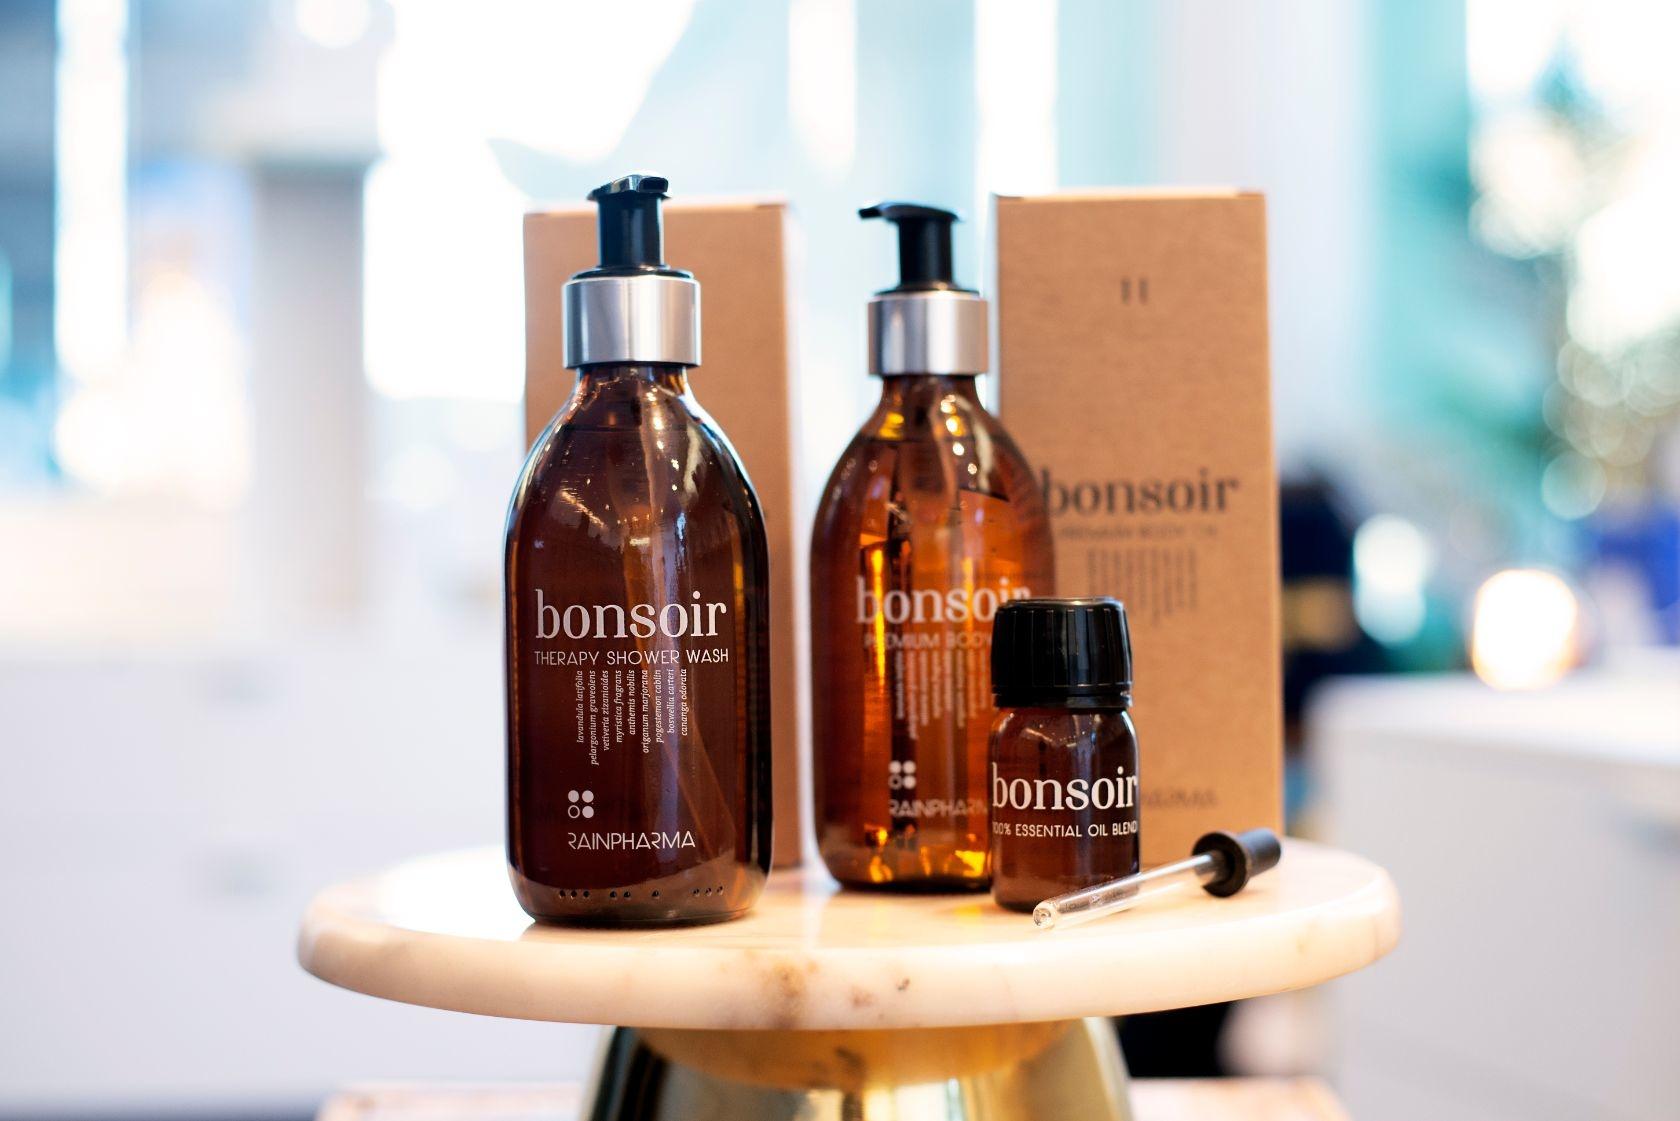 Bonsoir Shower Wash + Bonsoir Body Oil + Bonsoir Essential Oil-1